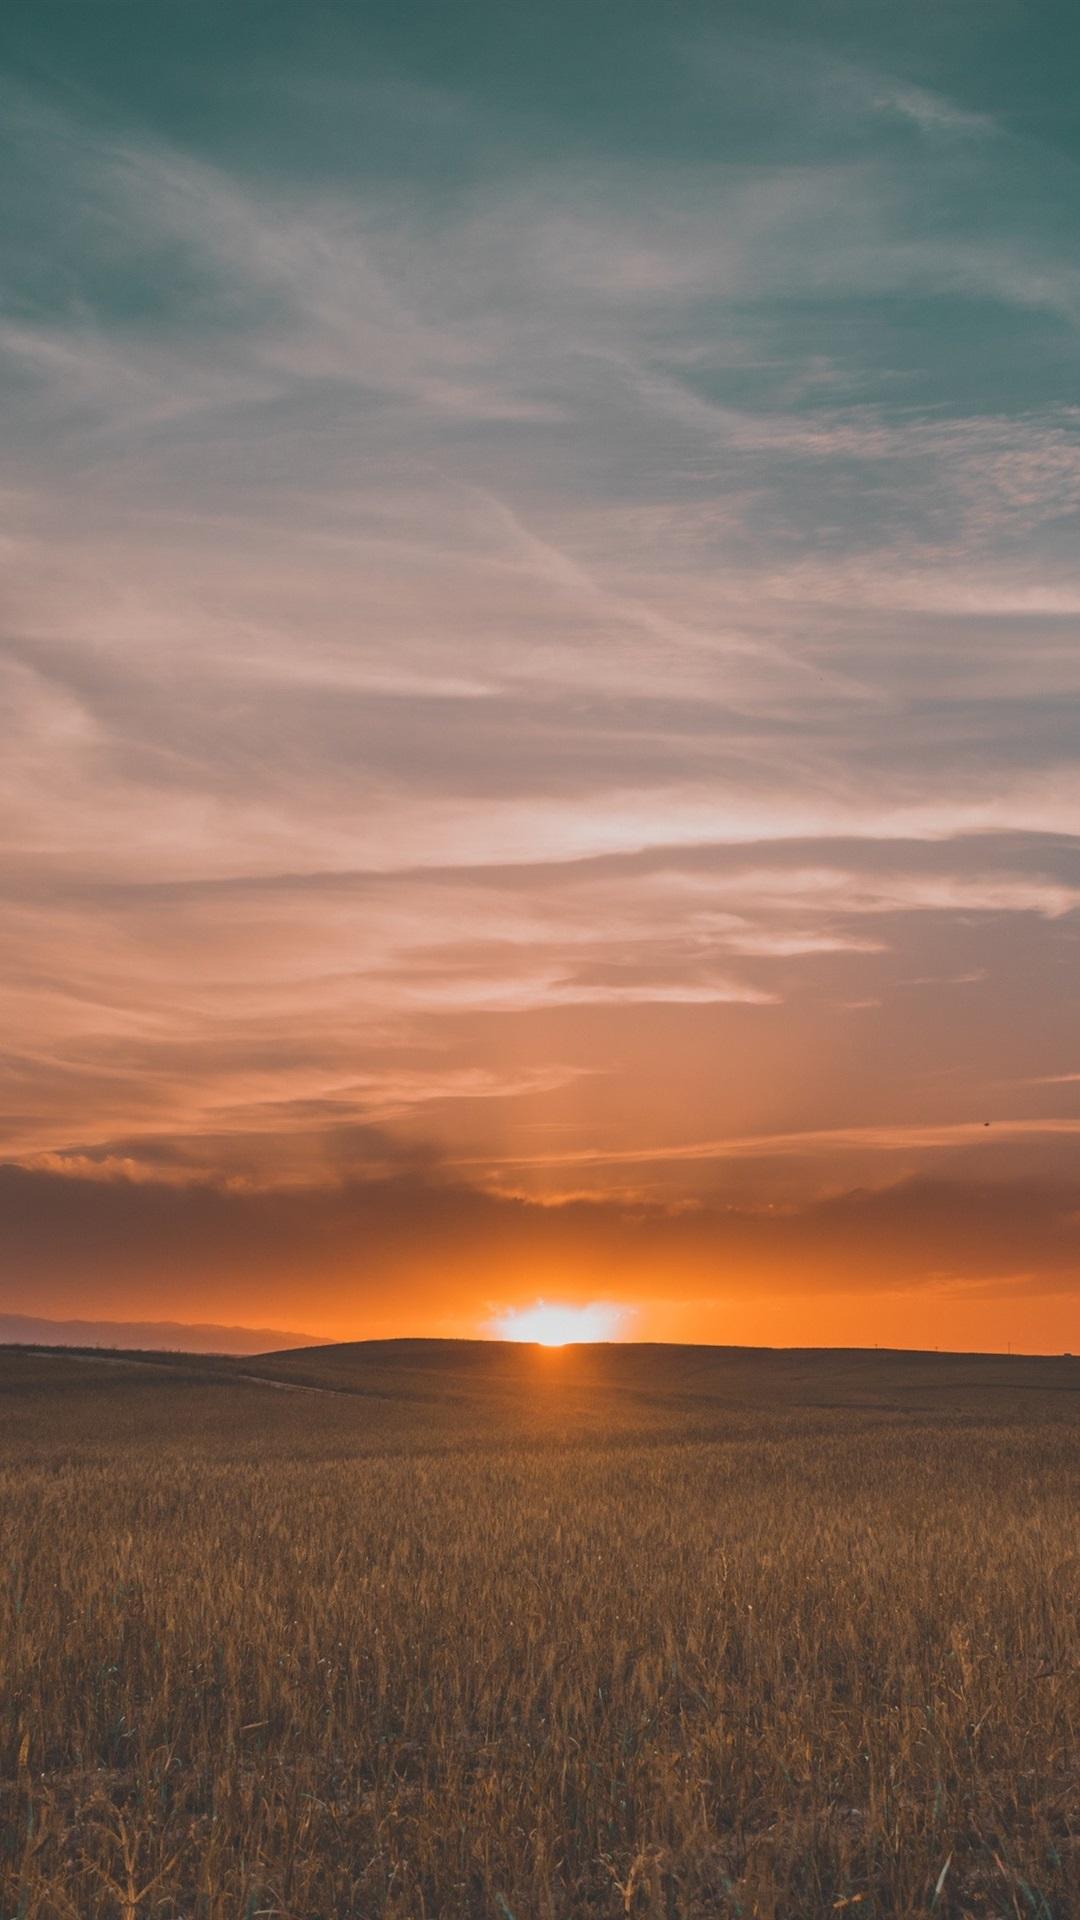 Fields Sunset Grass Sky Clouds 1080x1920 Iphone 8 7 6 6s